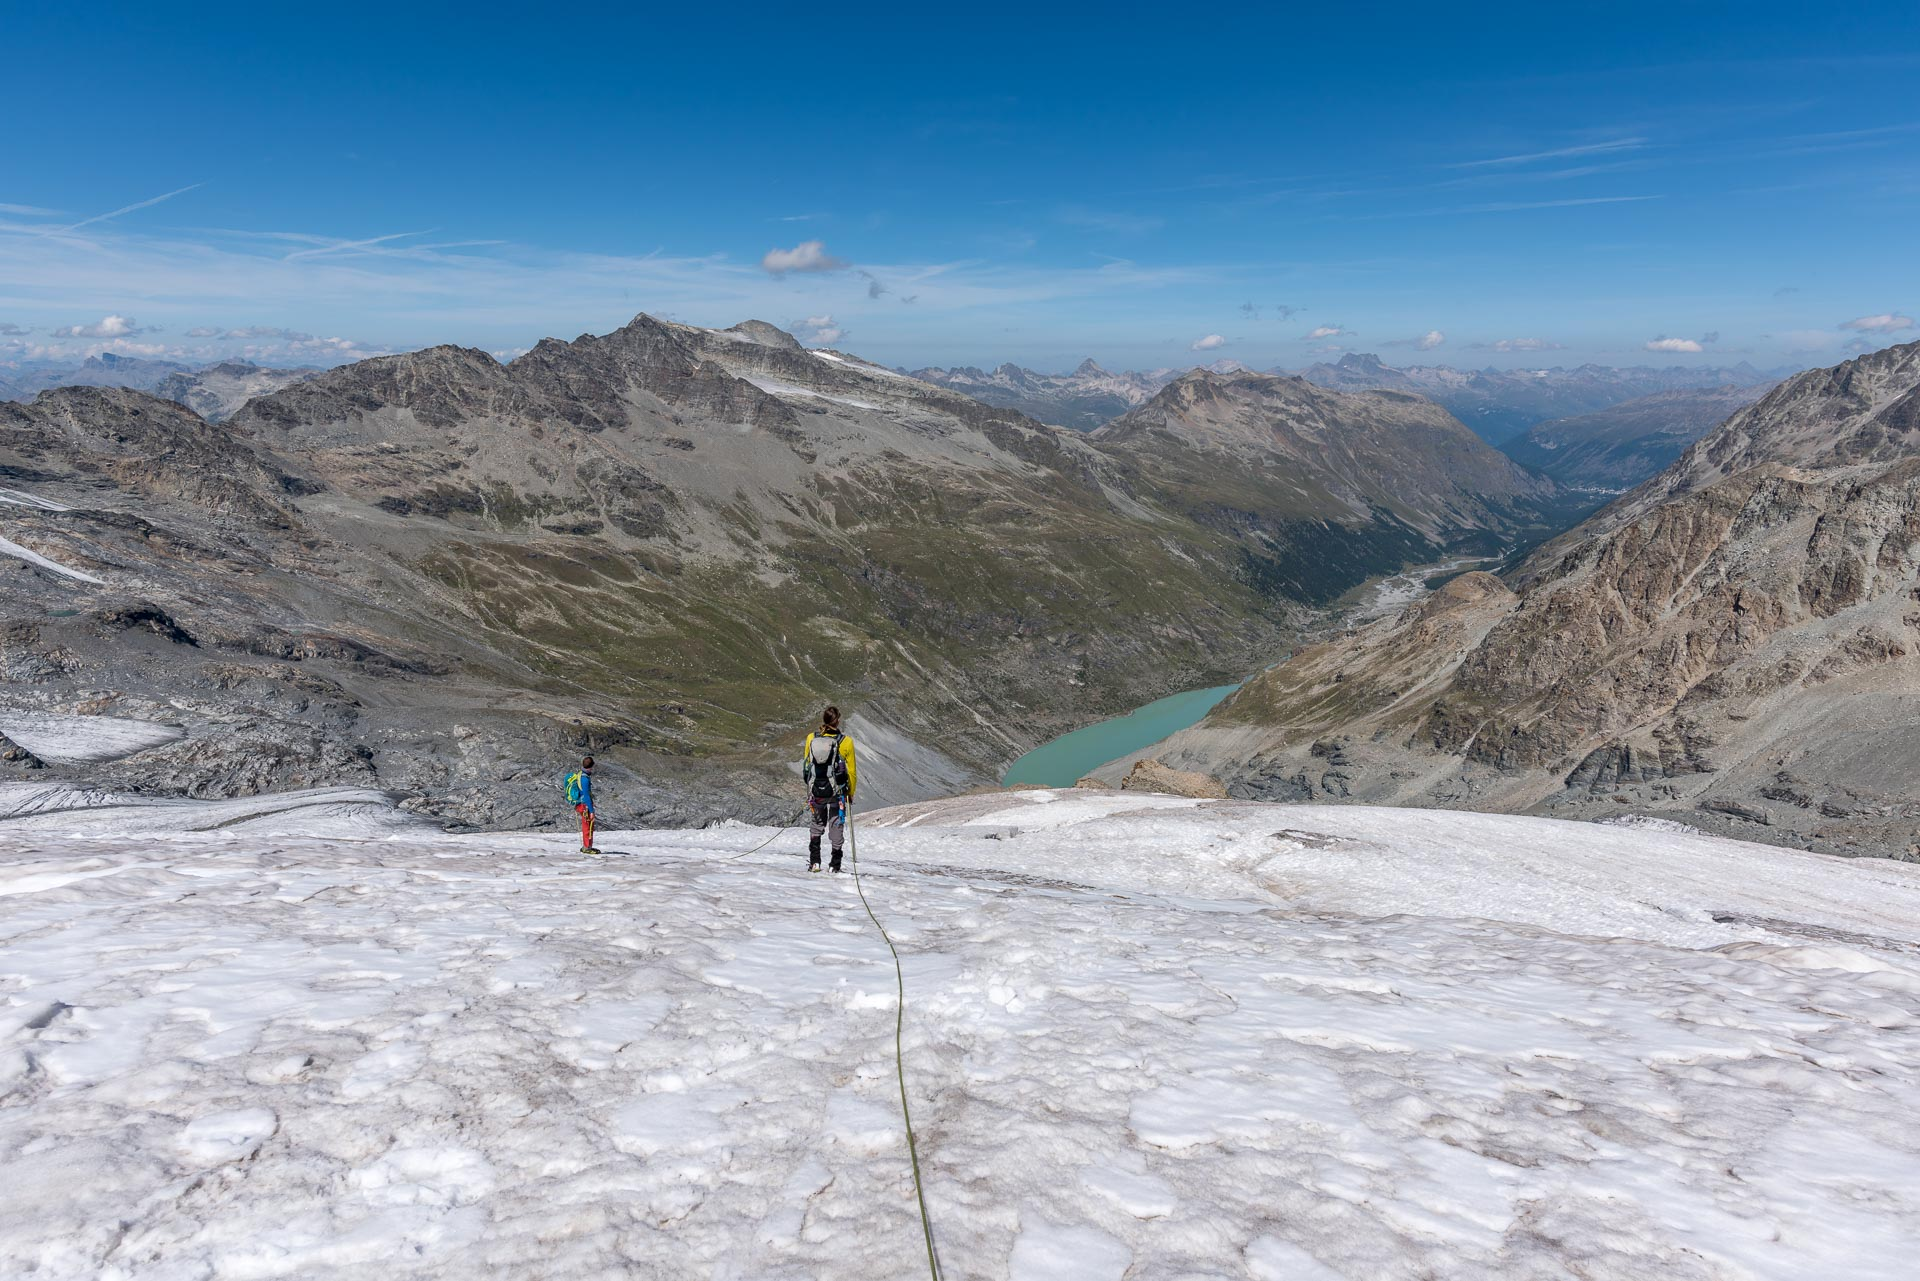 Den ganzen Gletscher haben wir für uns alleine